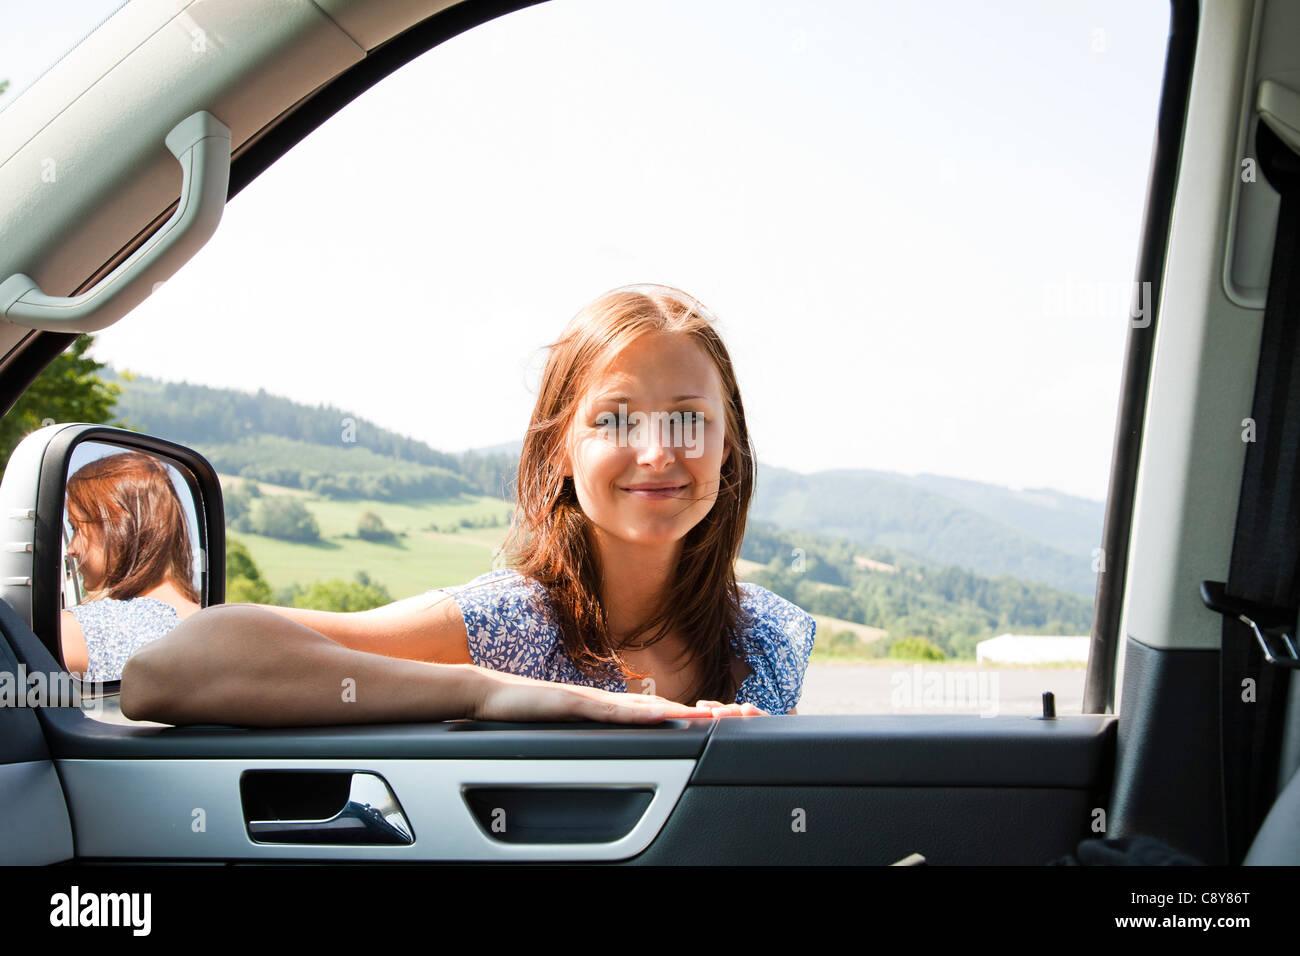 Retrato de mujer joven mirando a través de la ventana de coche Imagen De Stock